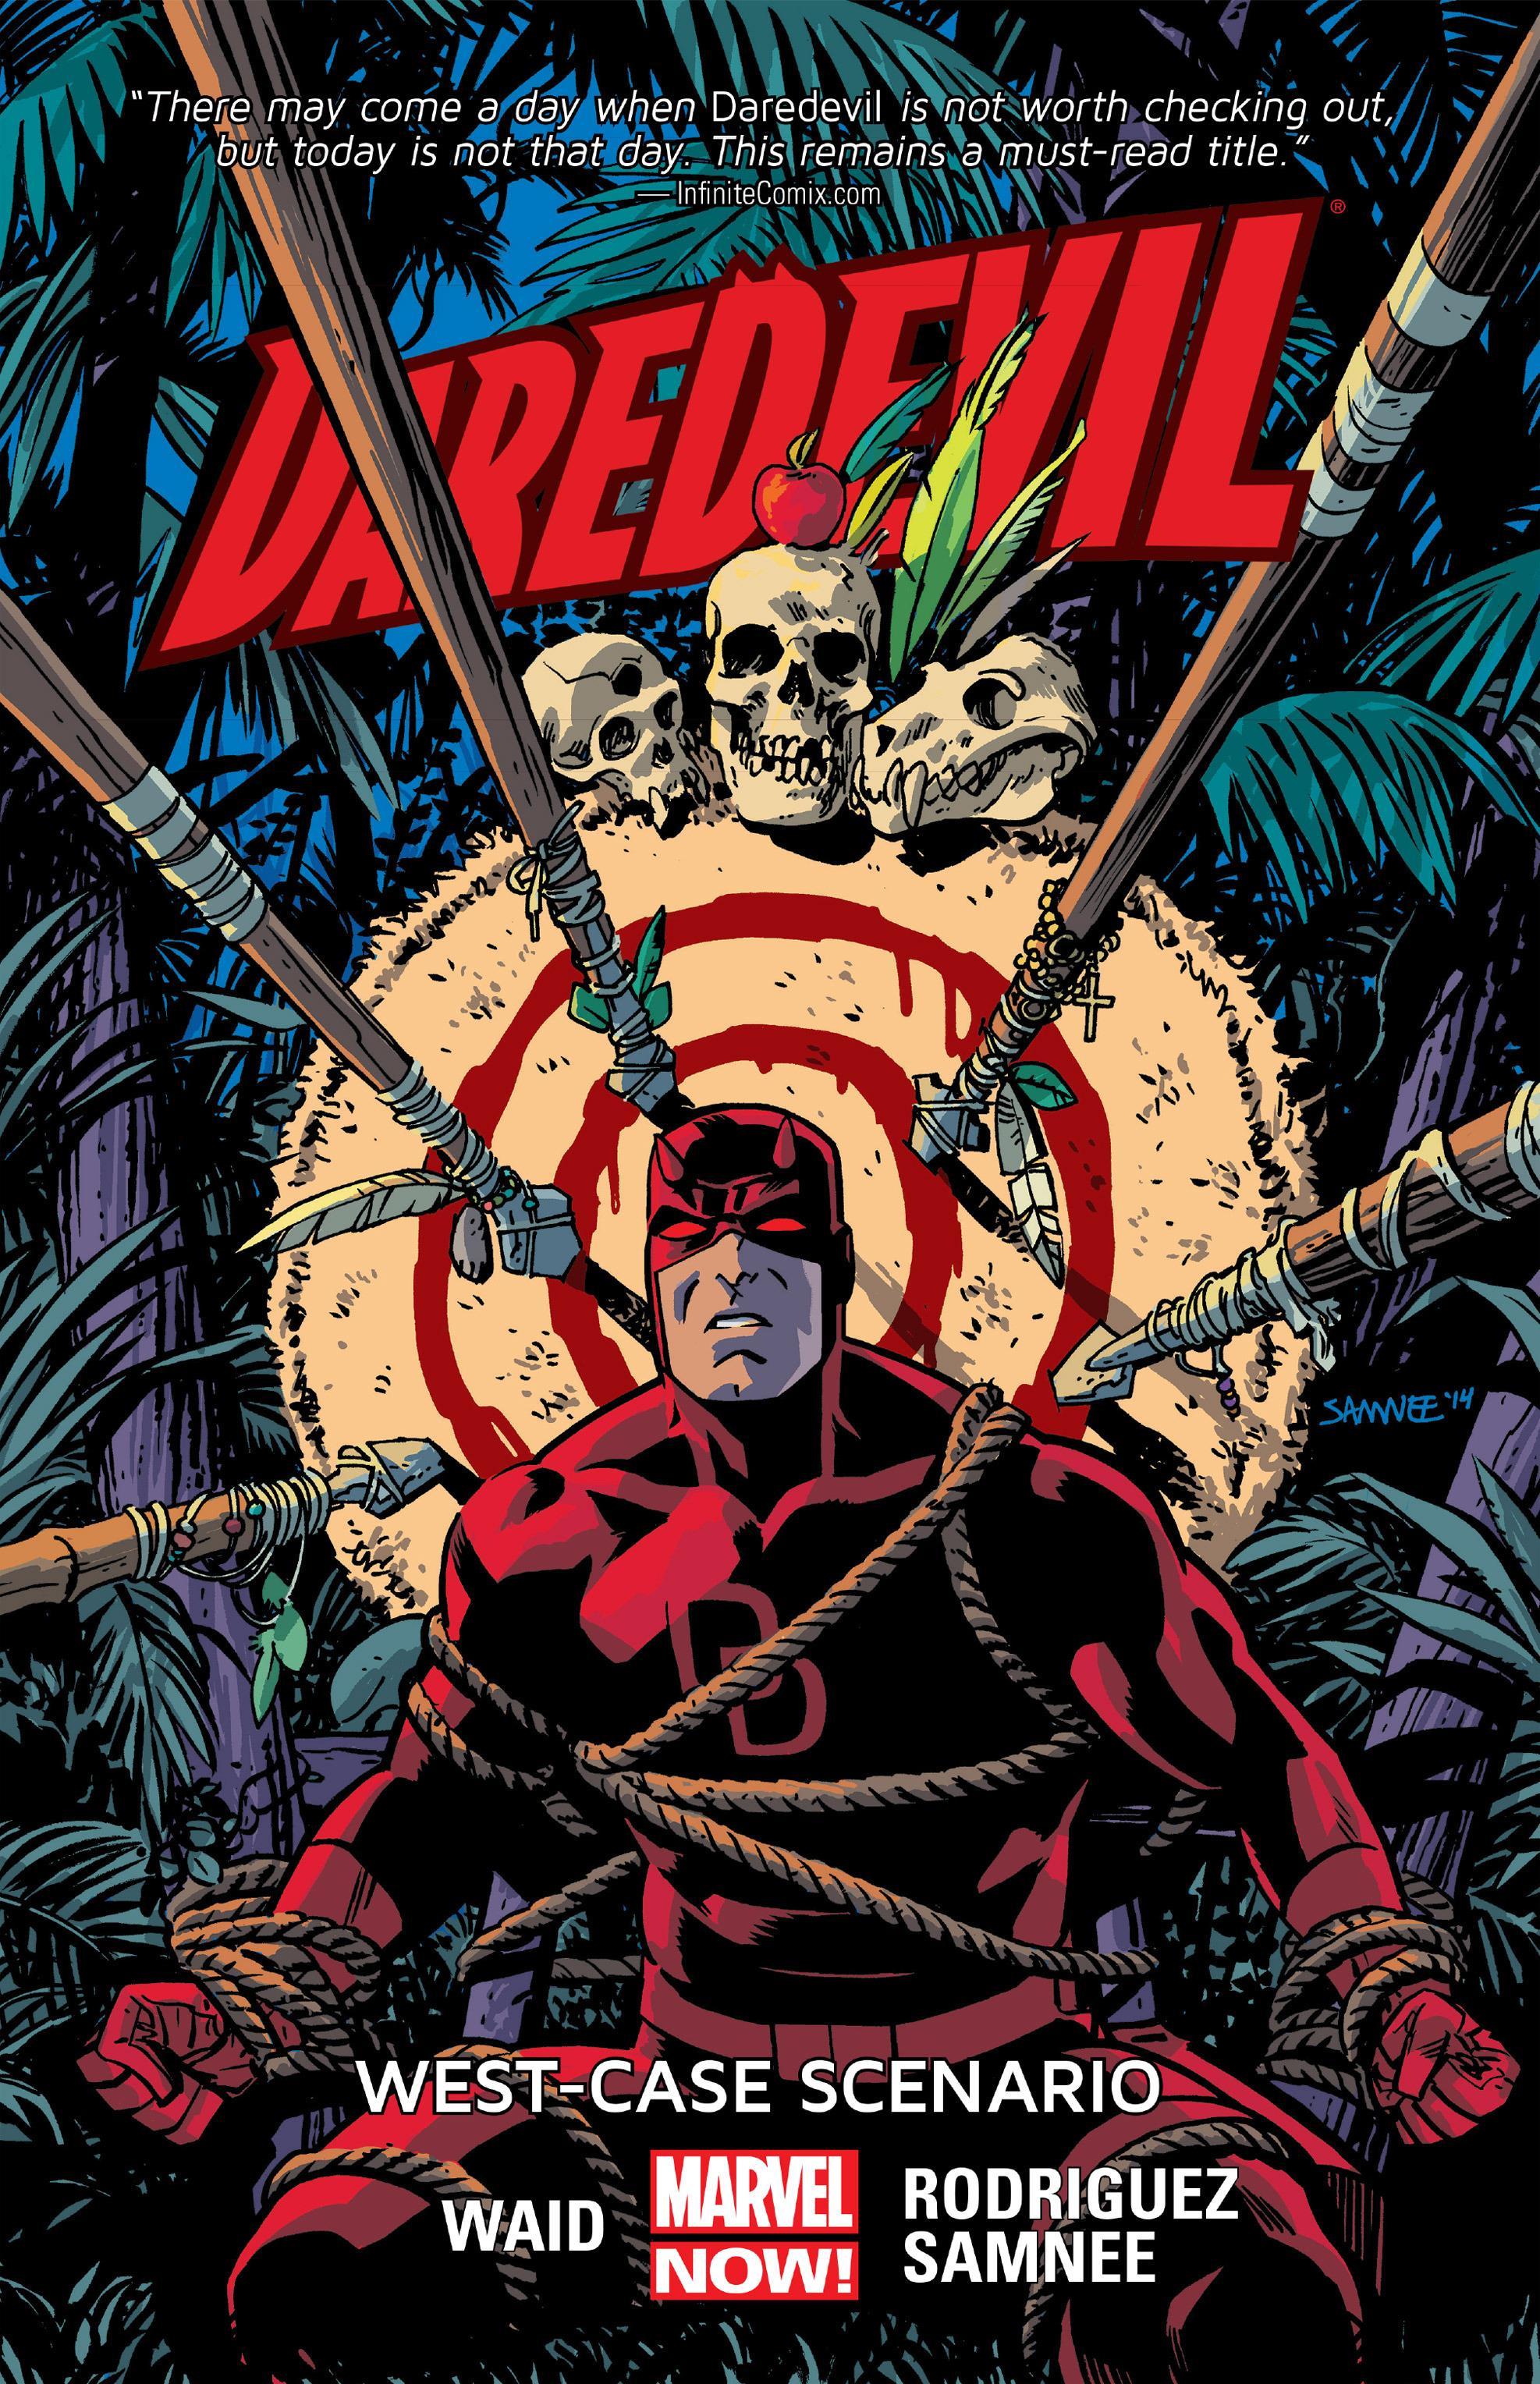 Daredevil By Mark Waid Vol. 4 (Daredevil Graphic Novel)